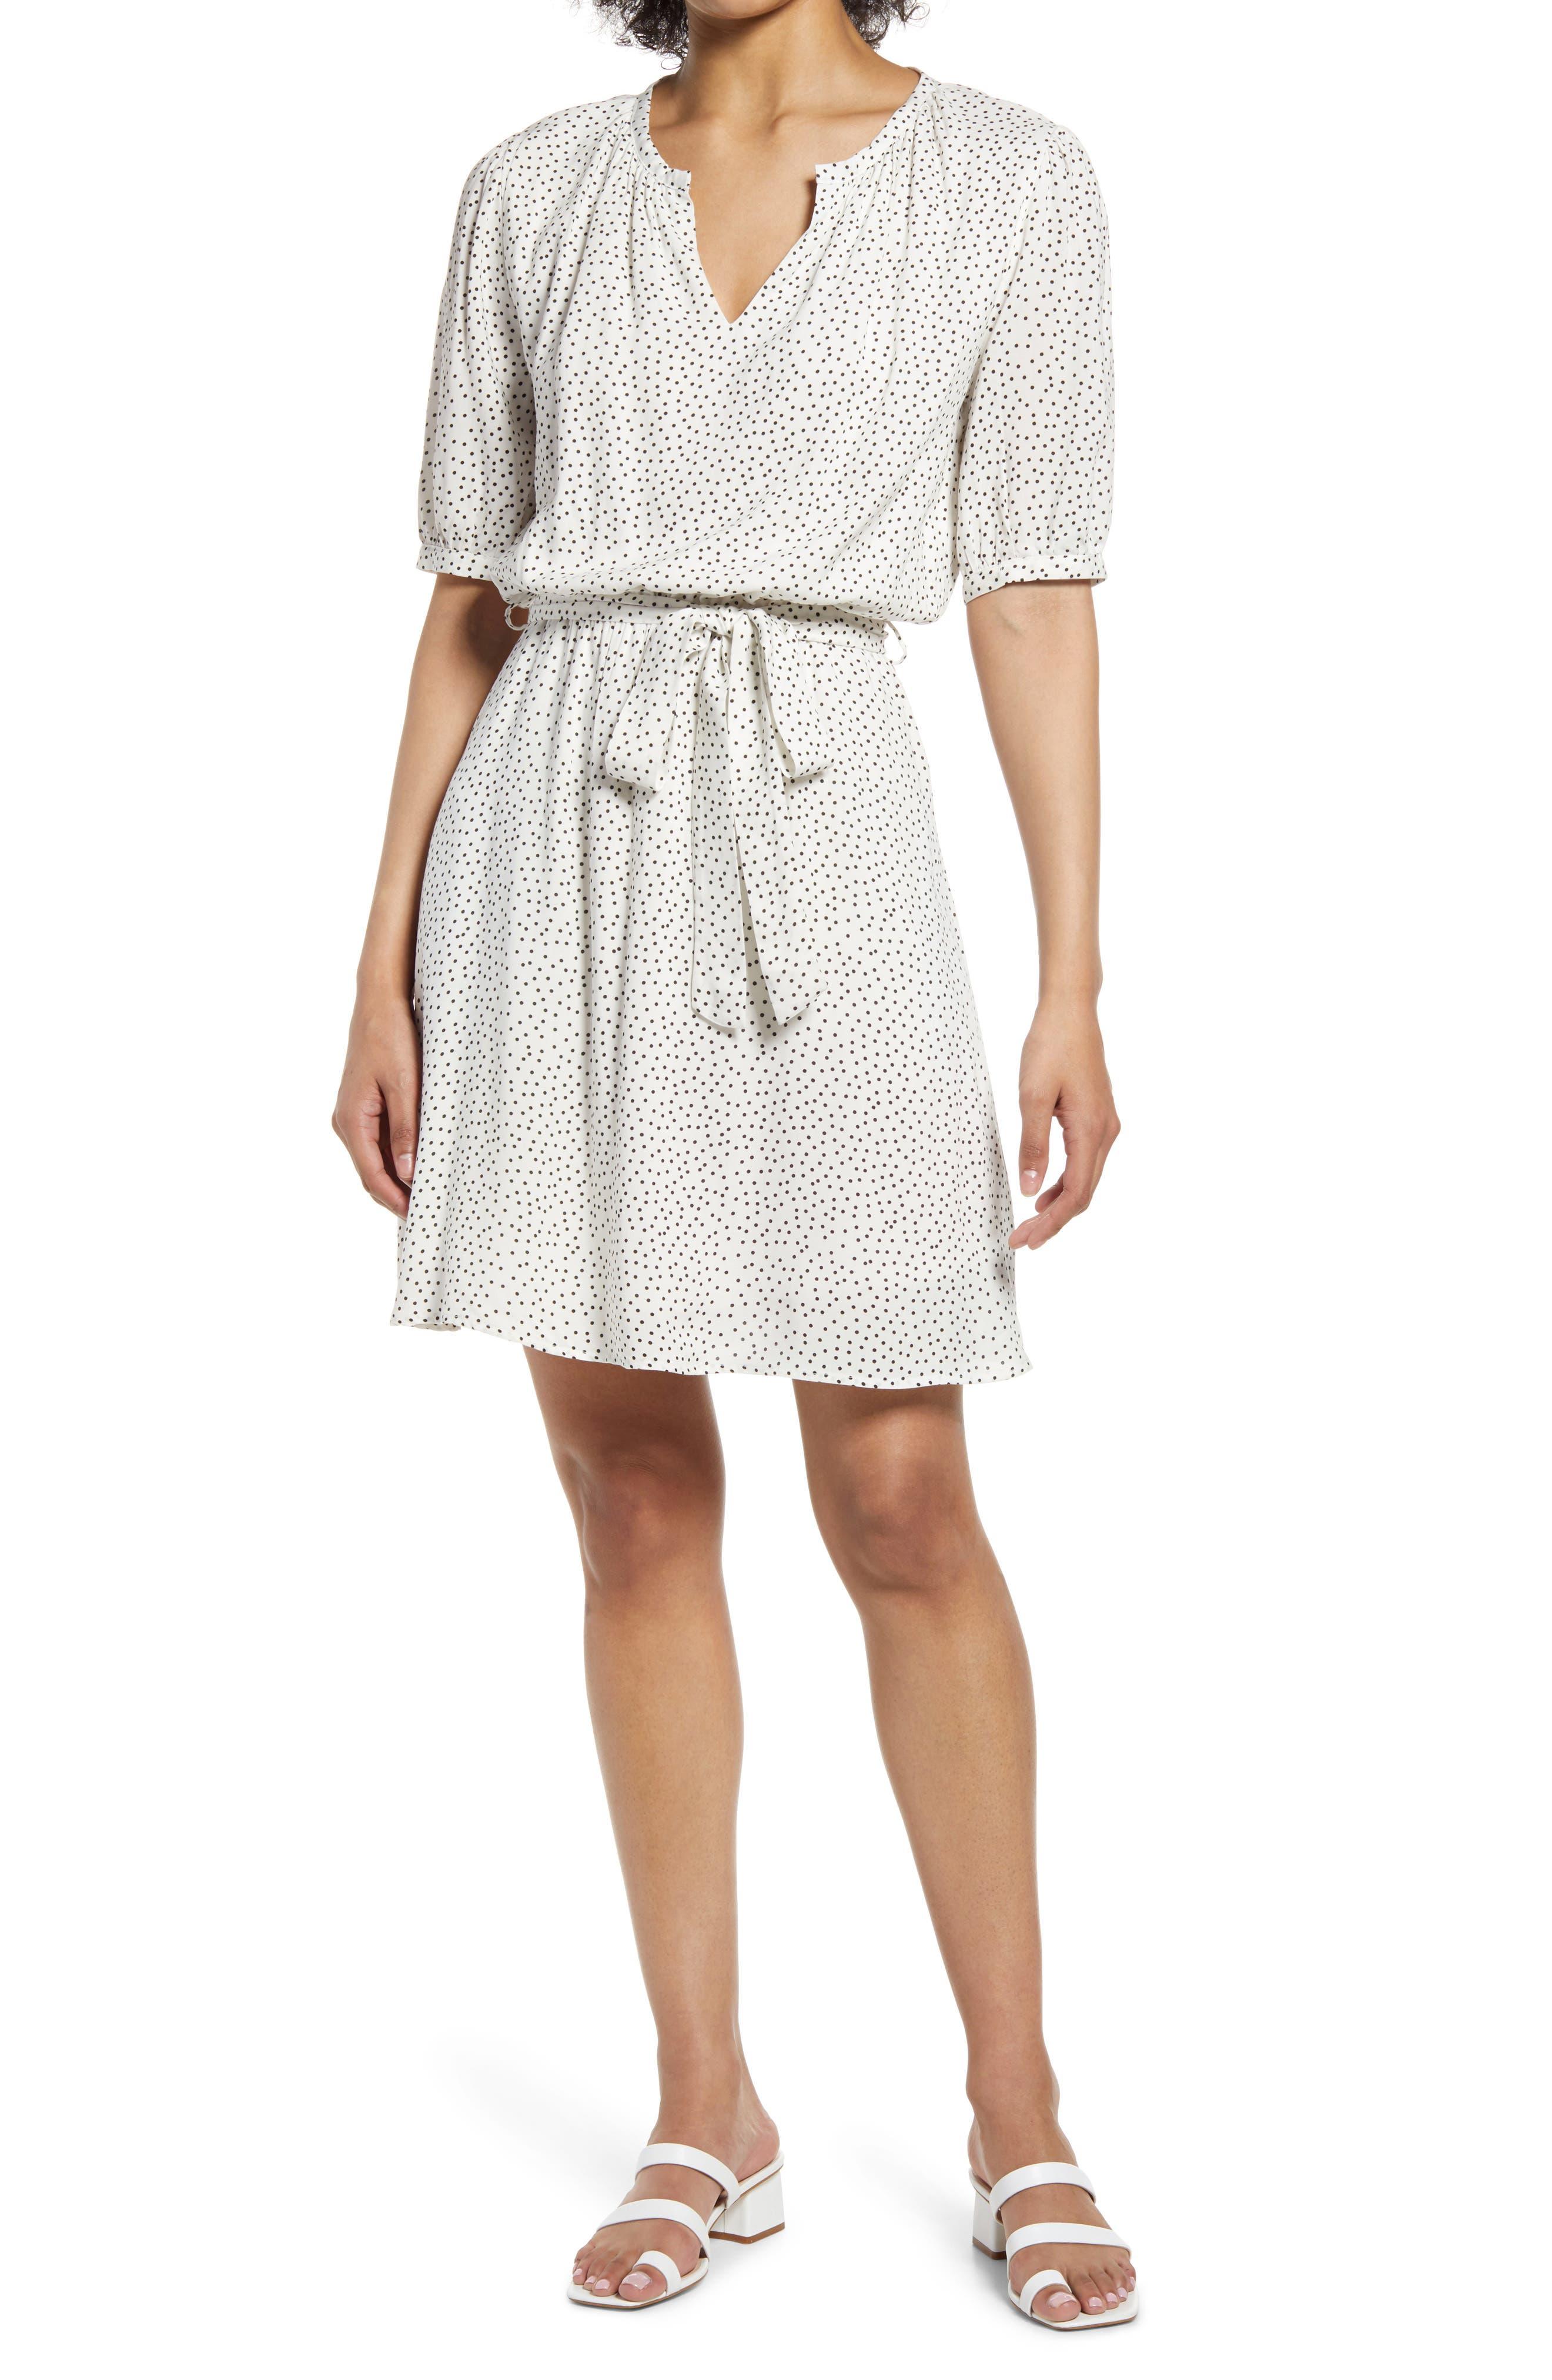 Lana Microdot Blouson Woven Dress